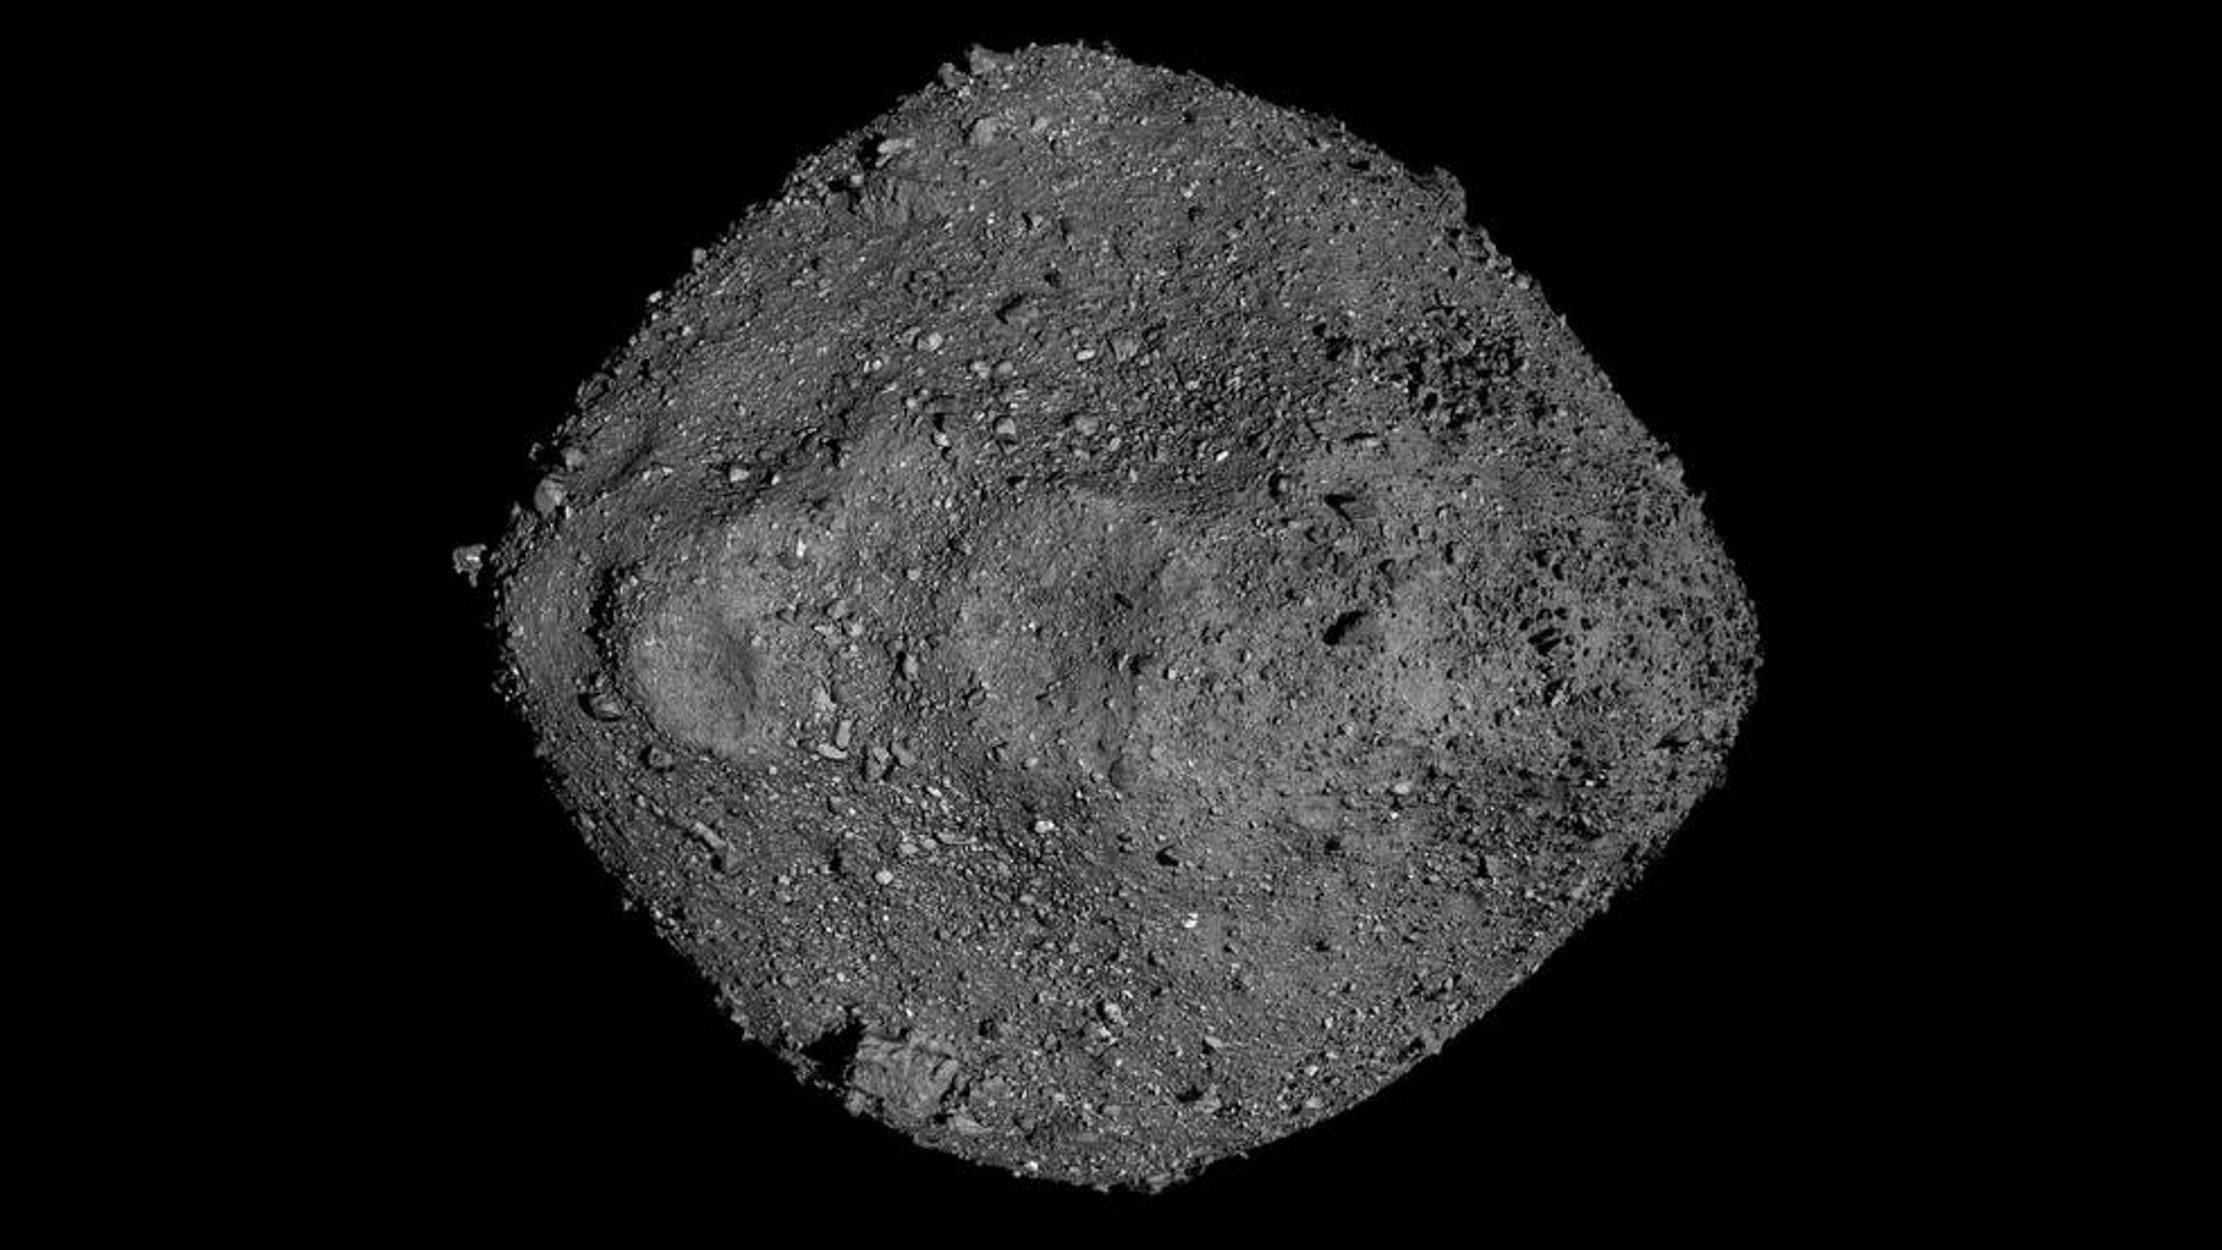 Νέες εκτιμήσεις για την πιθανότητα ο αστεροειδής Μπενού να πέσει στην Γη